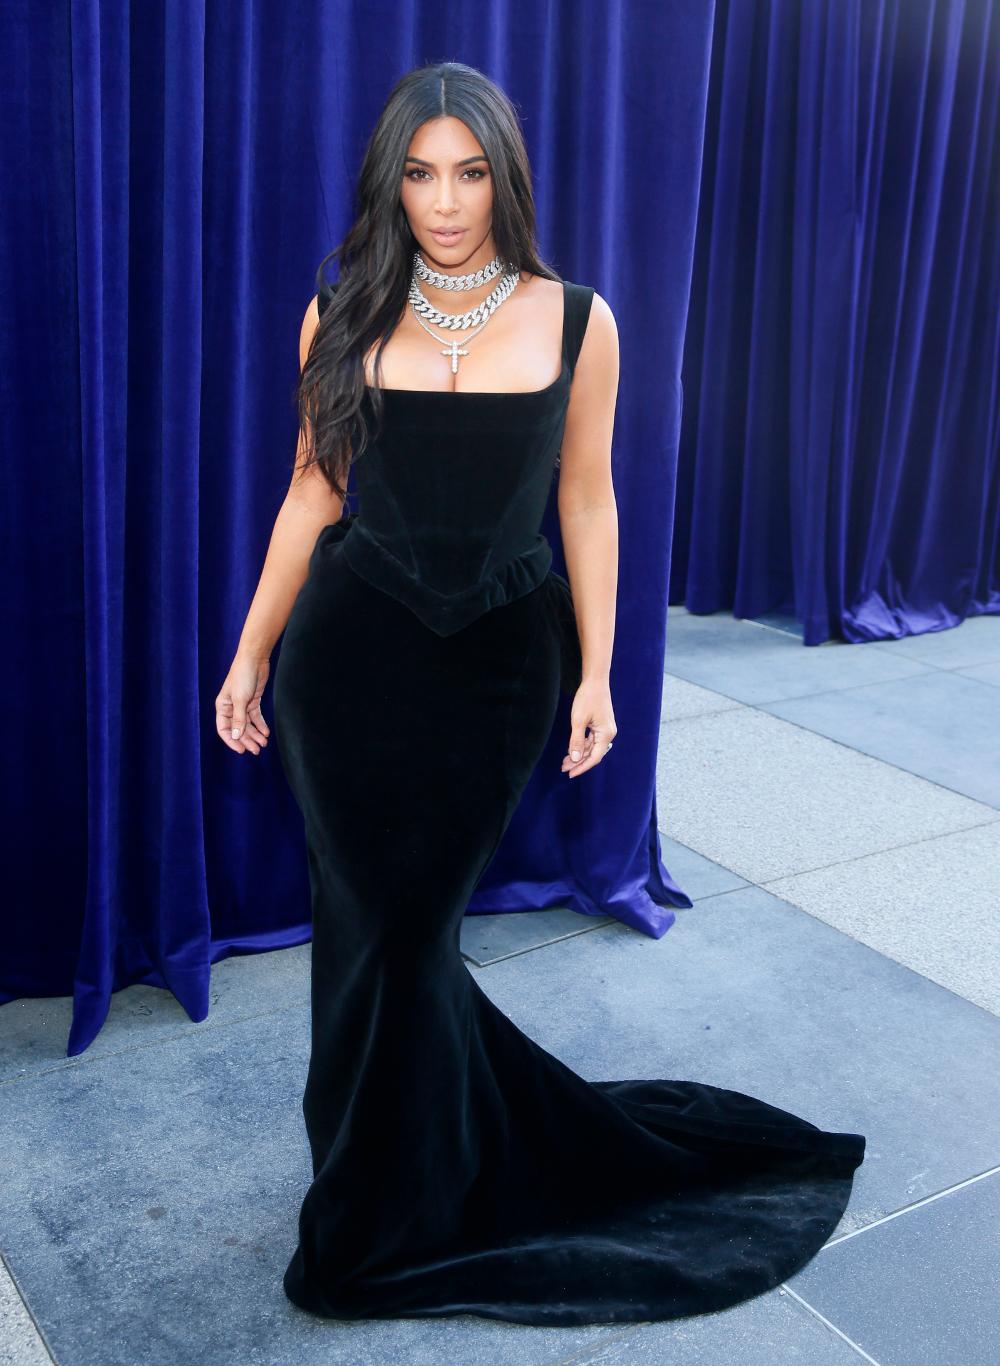 Η Κιμ Καρντάσιαν με μαύρο βελούδινο στενό φόρεμα που τόνιζε το πληθωρικό μπούστο της και τις καμπύλες της